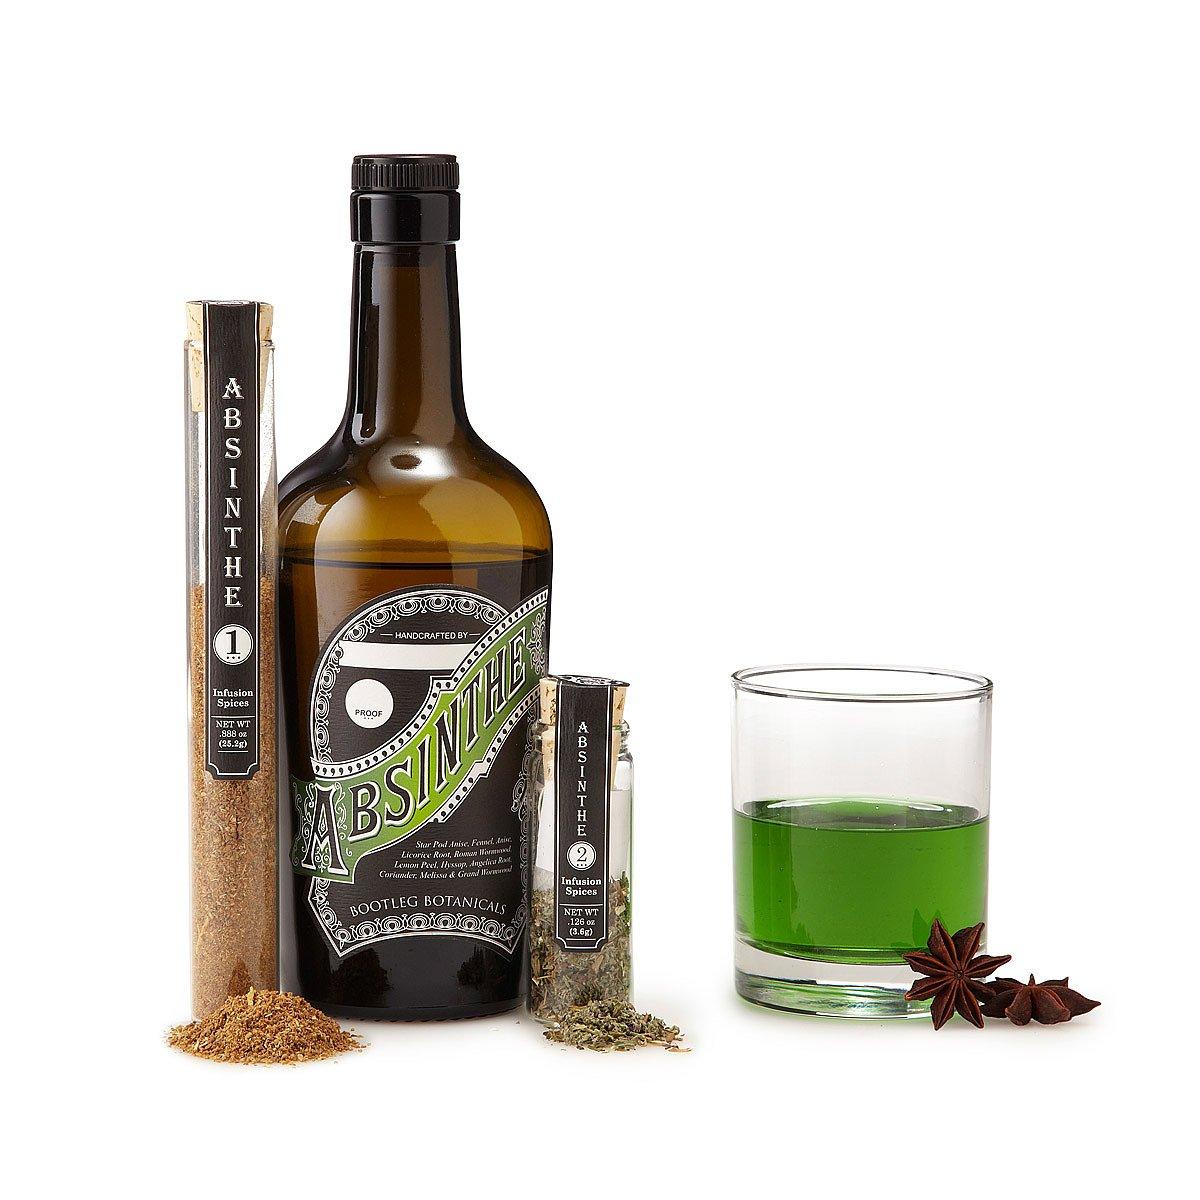 absinthe making kit